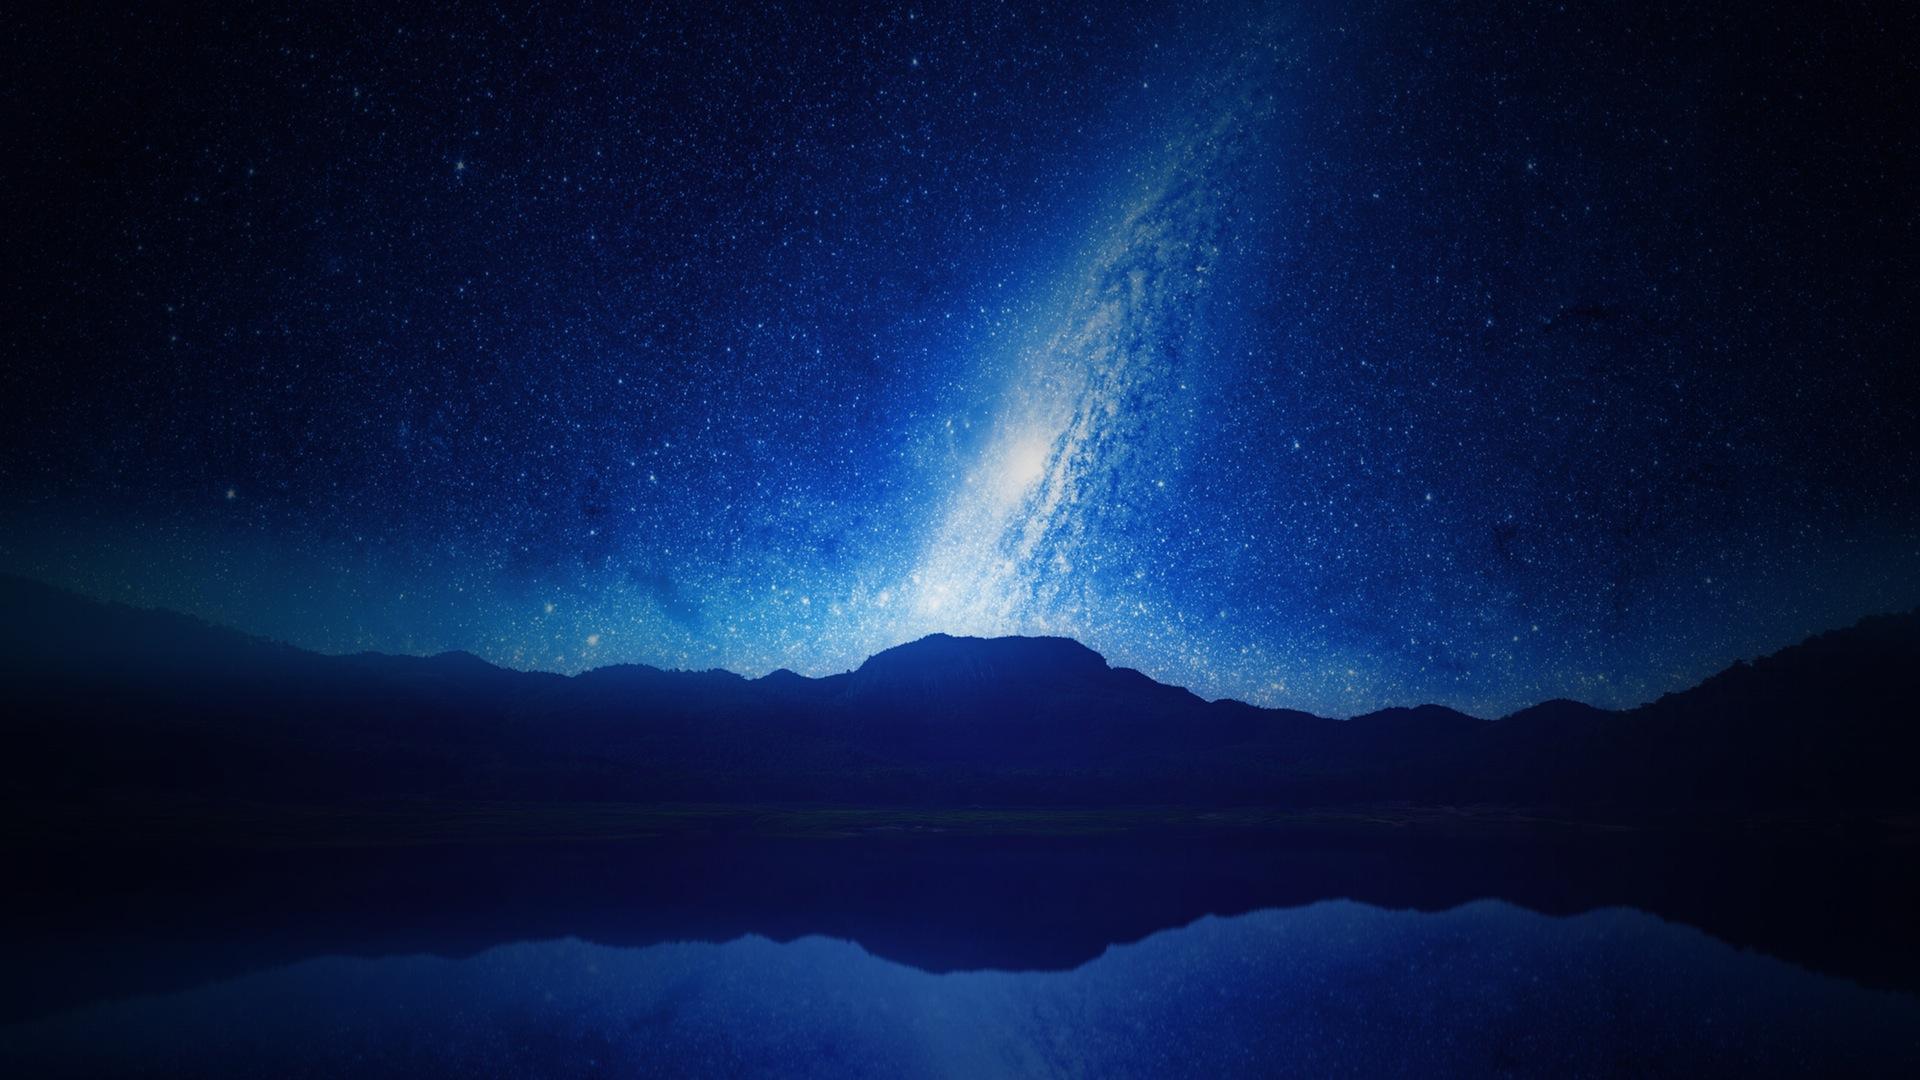 Небо, ночь, Звезда, горы, небосвод, Галактика, Млечный путь - Обои HD - Профессор falken.com